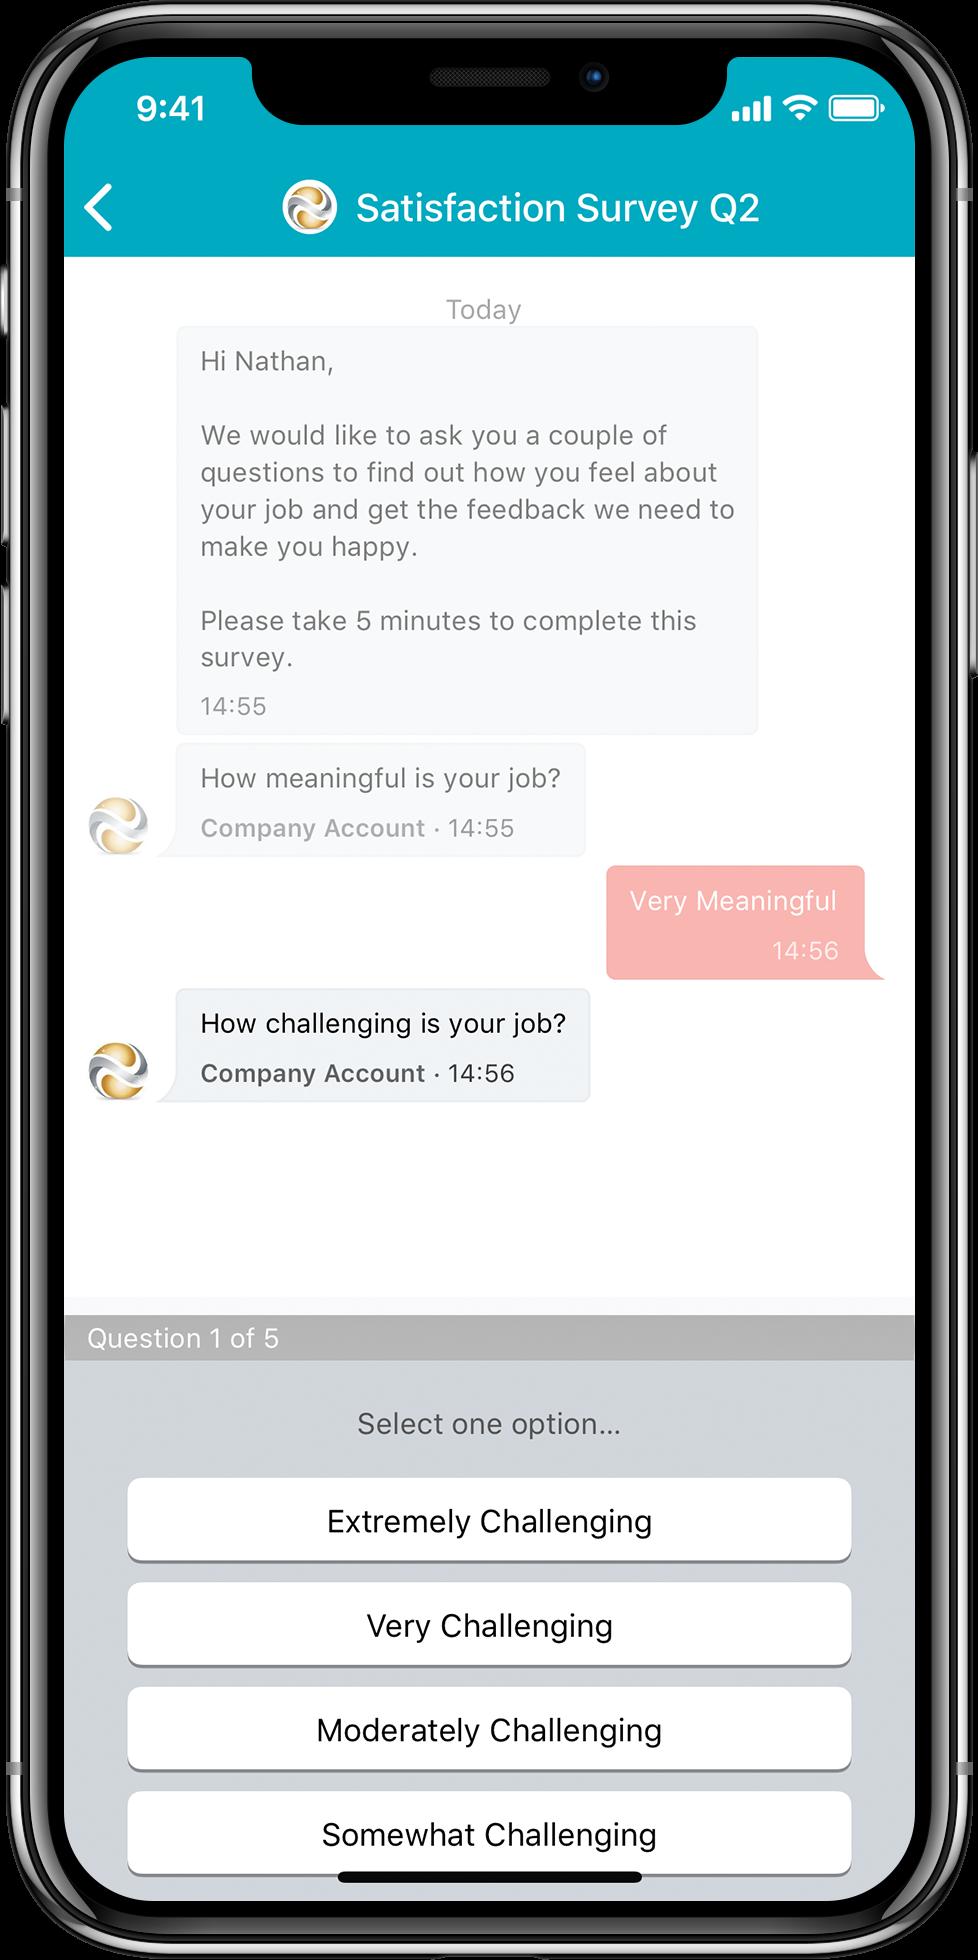 Blick auf den Handy-Bildschirm einer Umfrage mit der Mitarbeiter-App Beekeeper